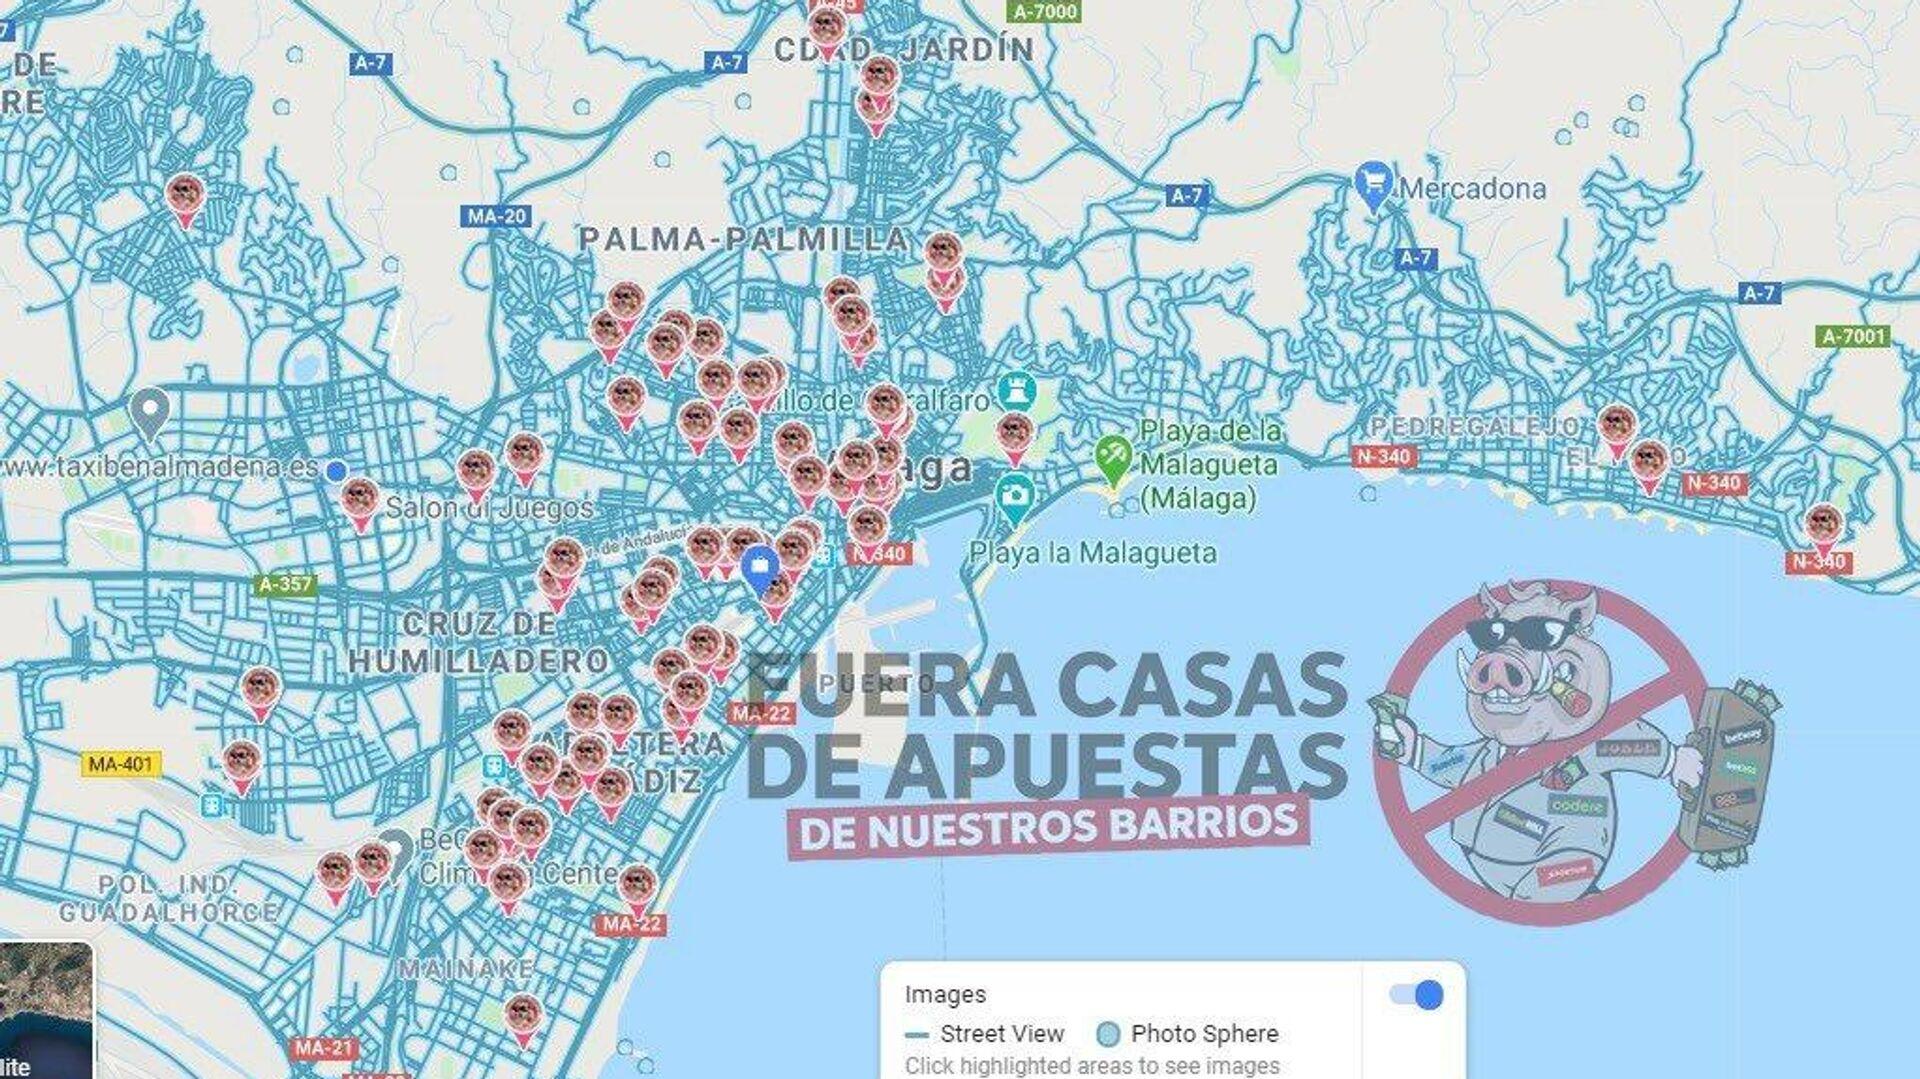 Localización de casas de apuestas en Málaga - Sputnik Mundo, 1920, 17.03.2021